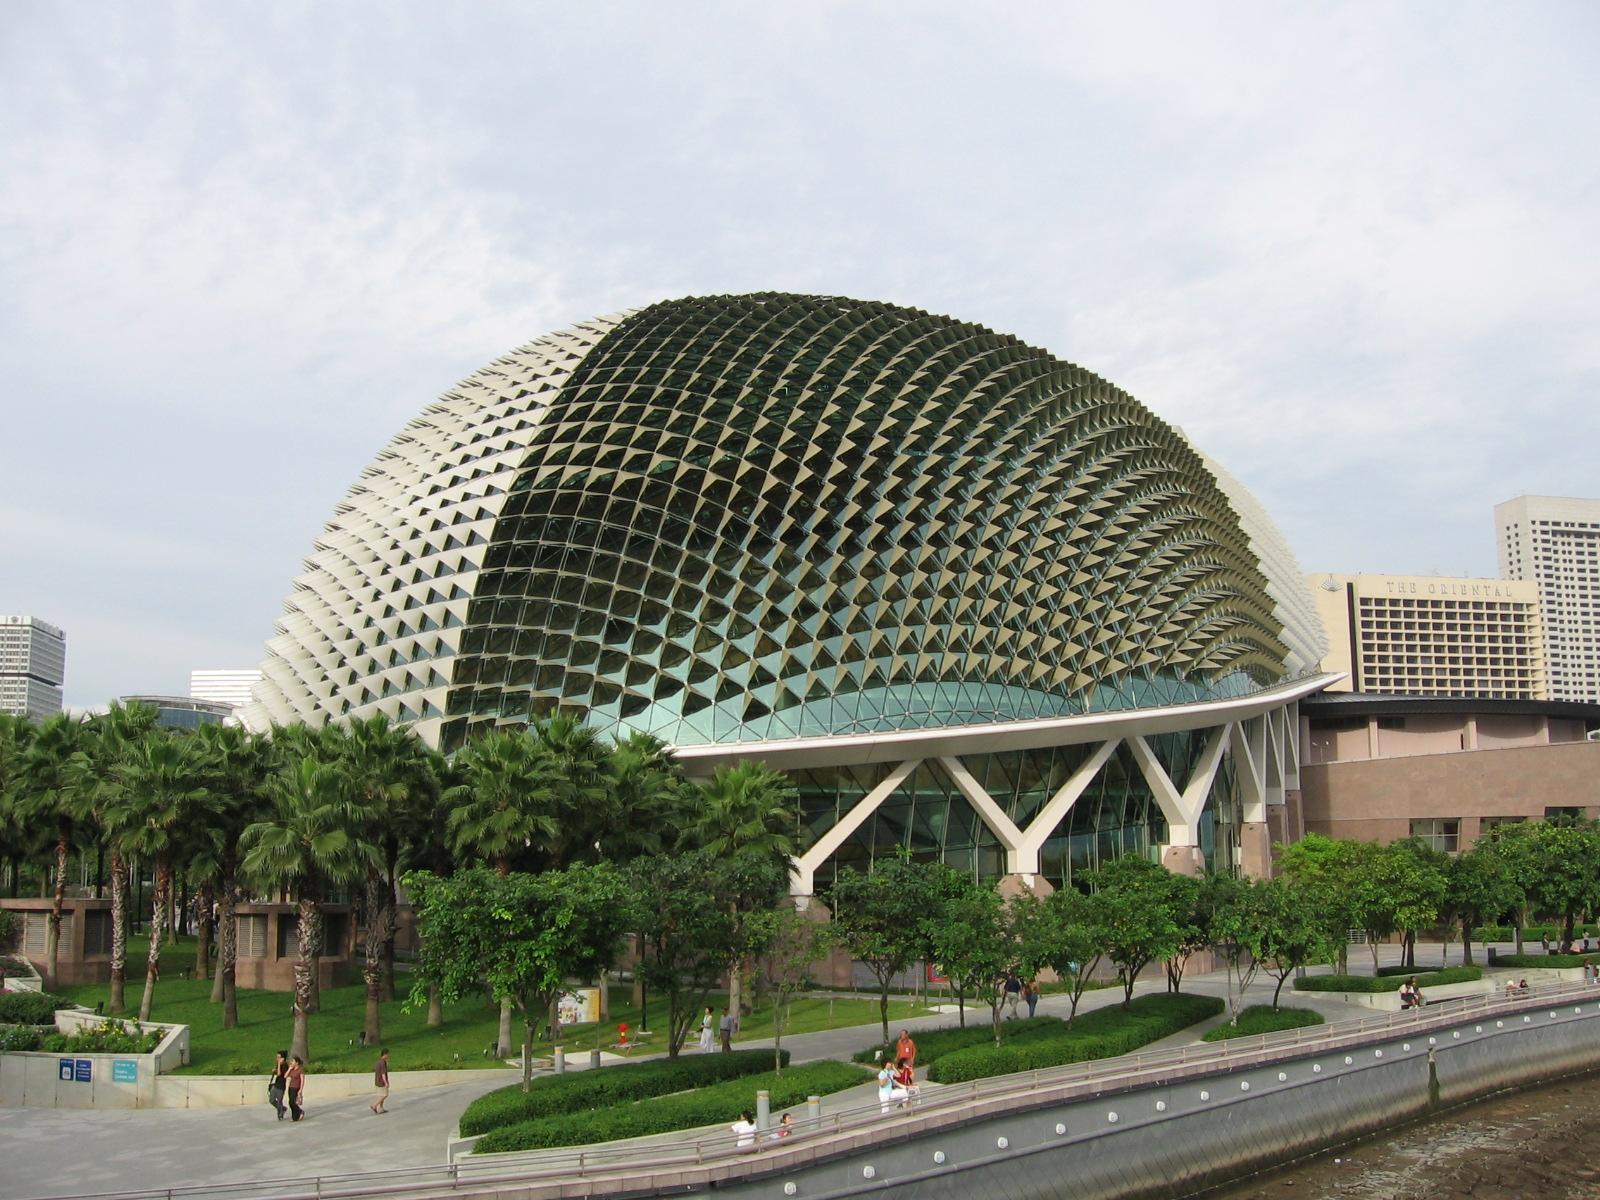 esplanade theatre singapore - photo #37